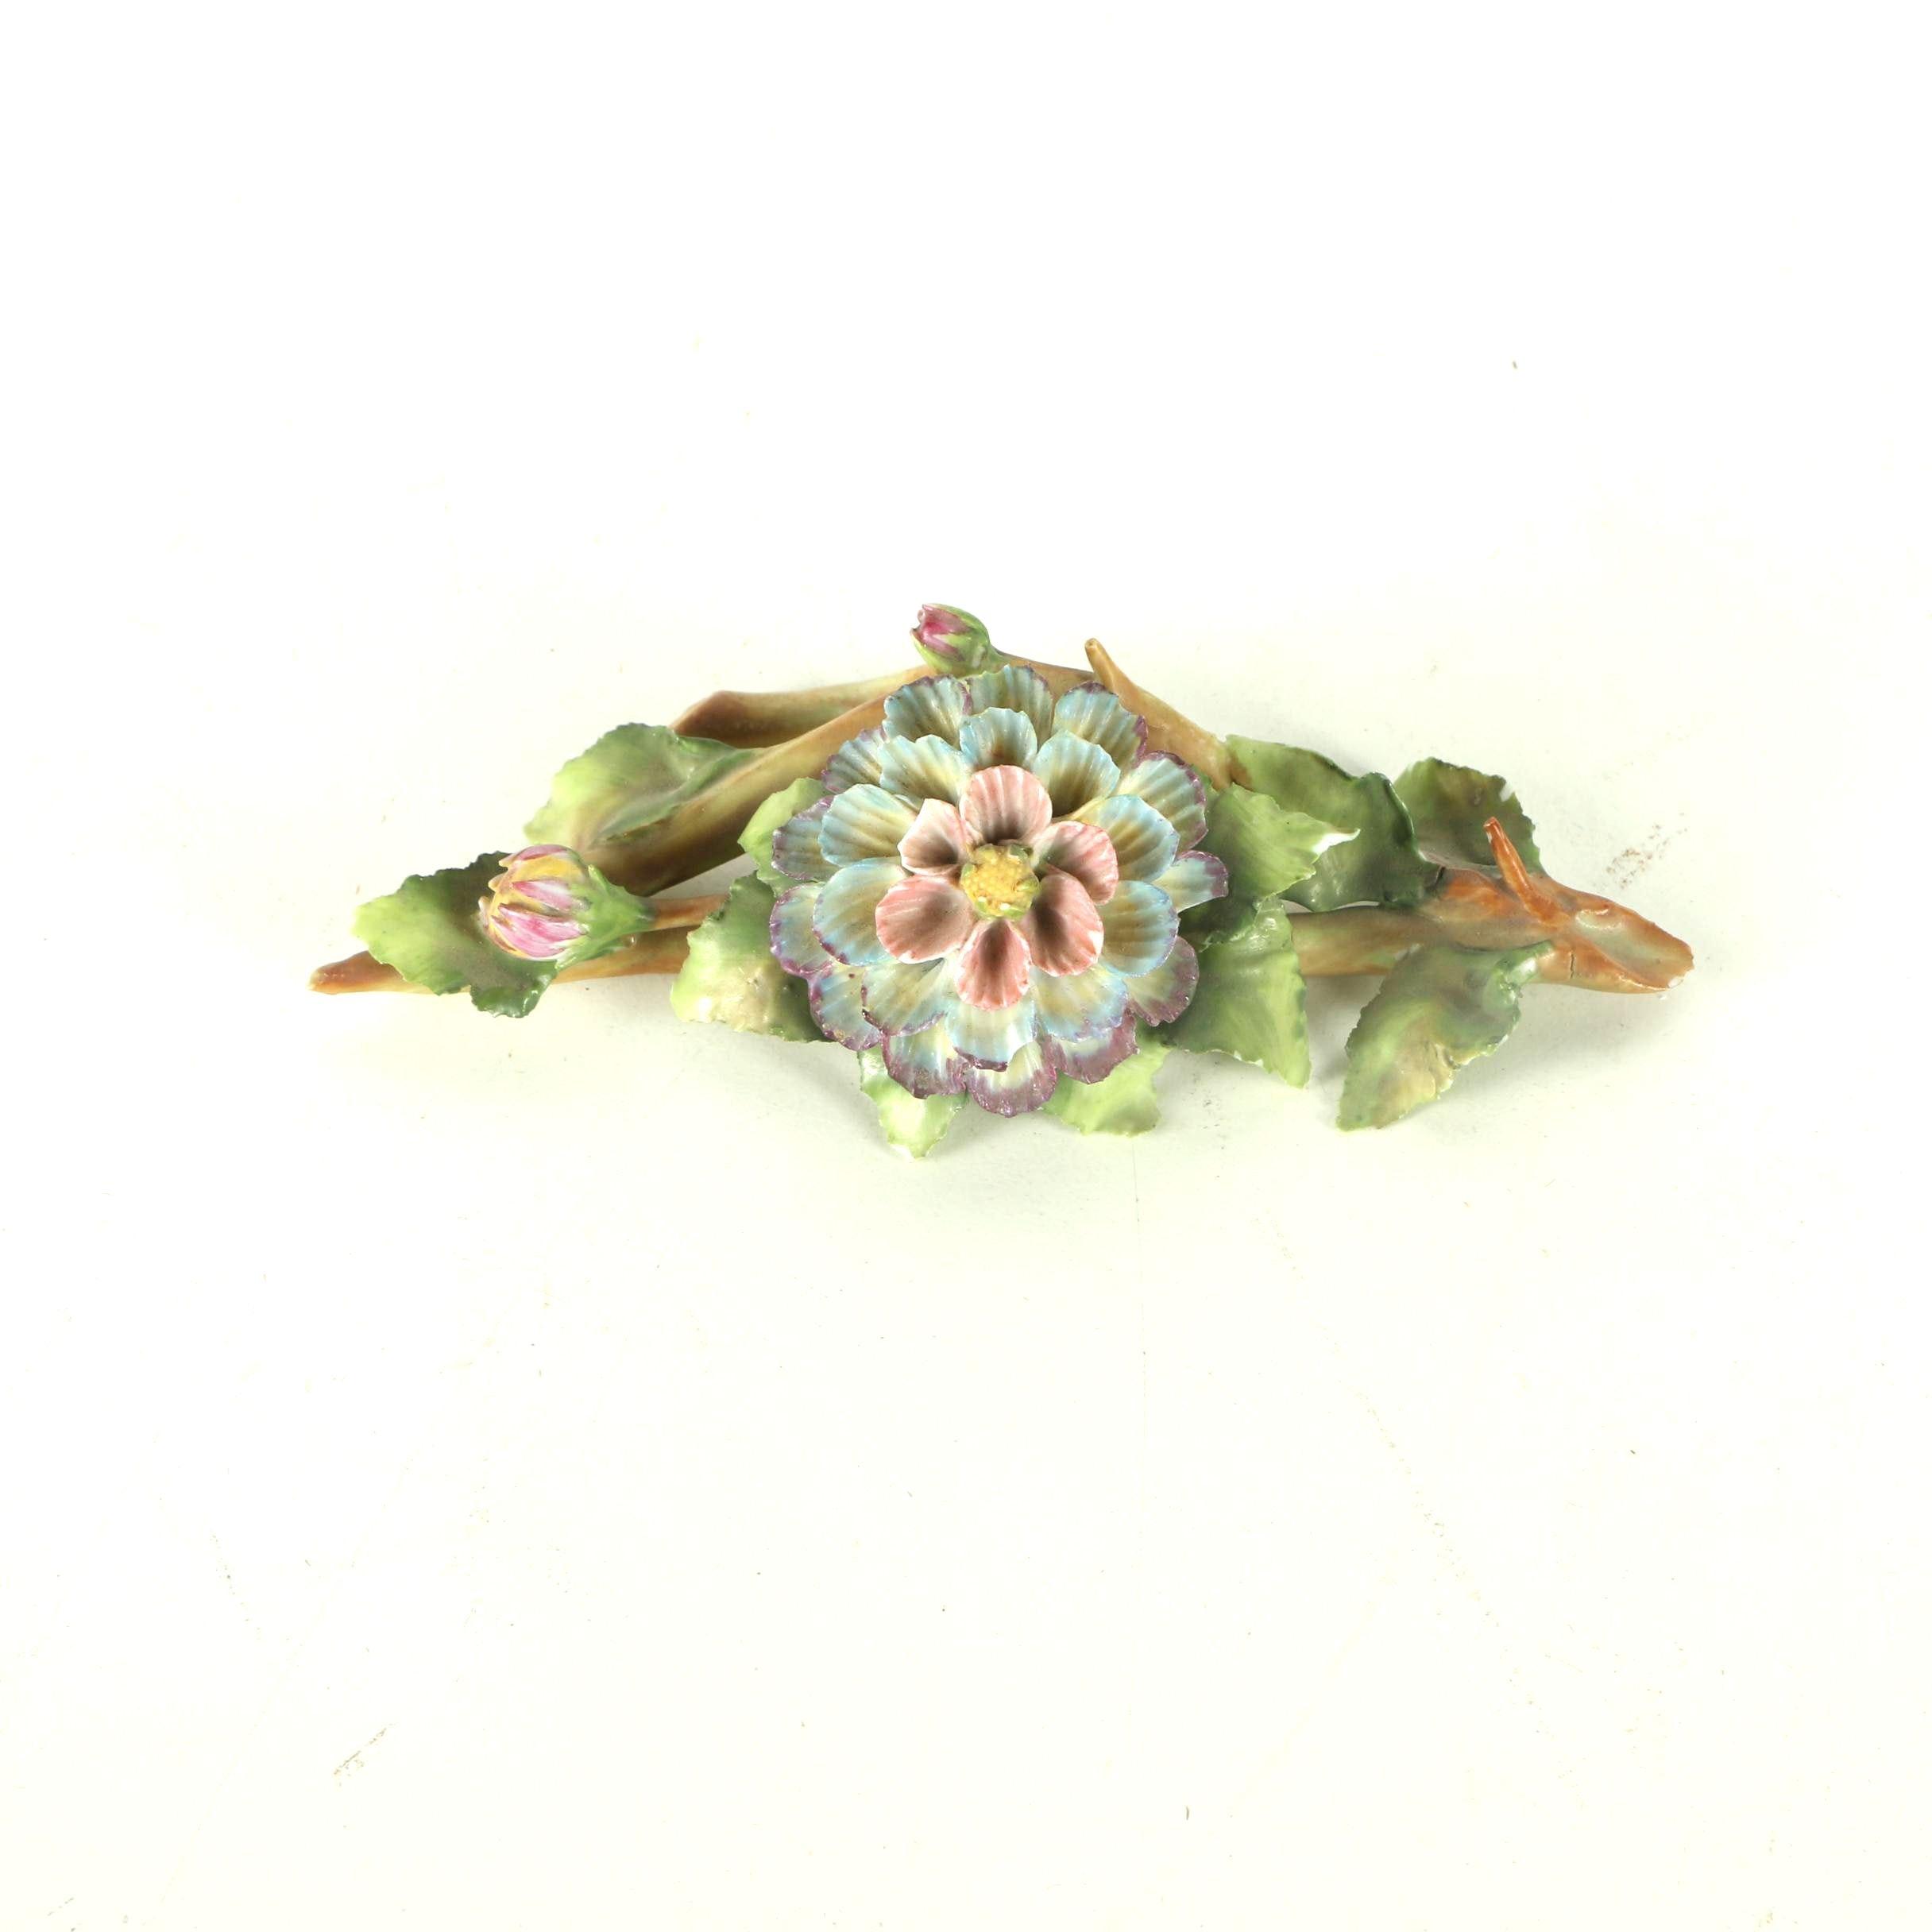 Signed Porcelain Sculpture of Floral Buds on a Vine